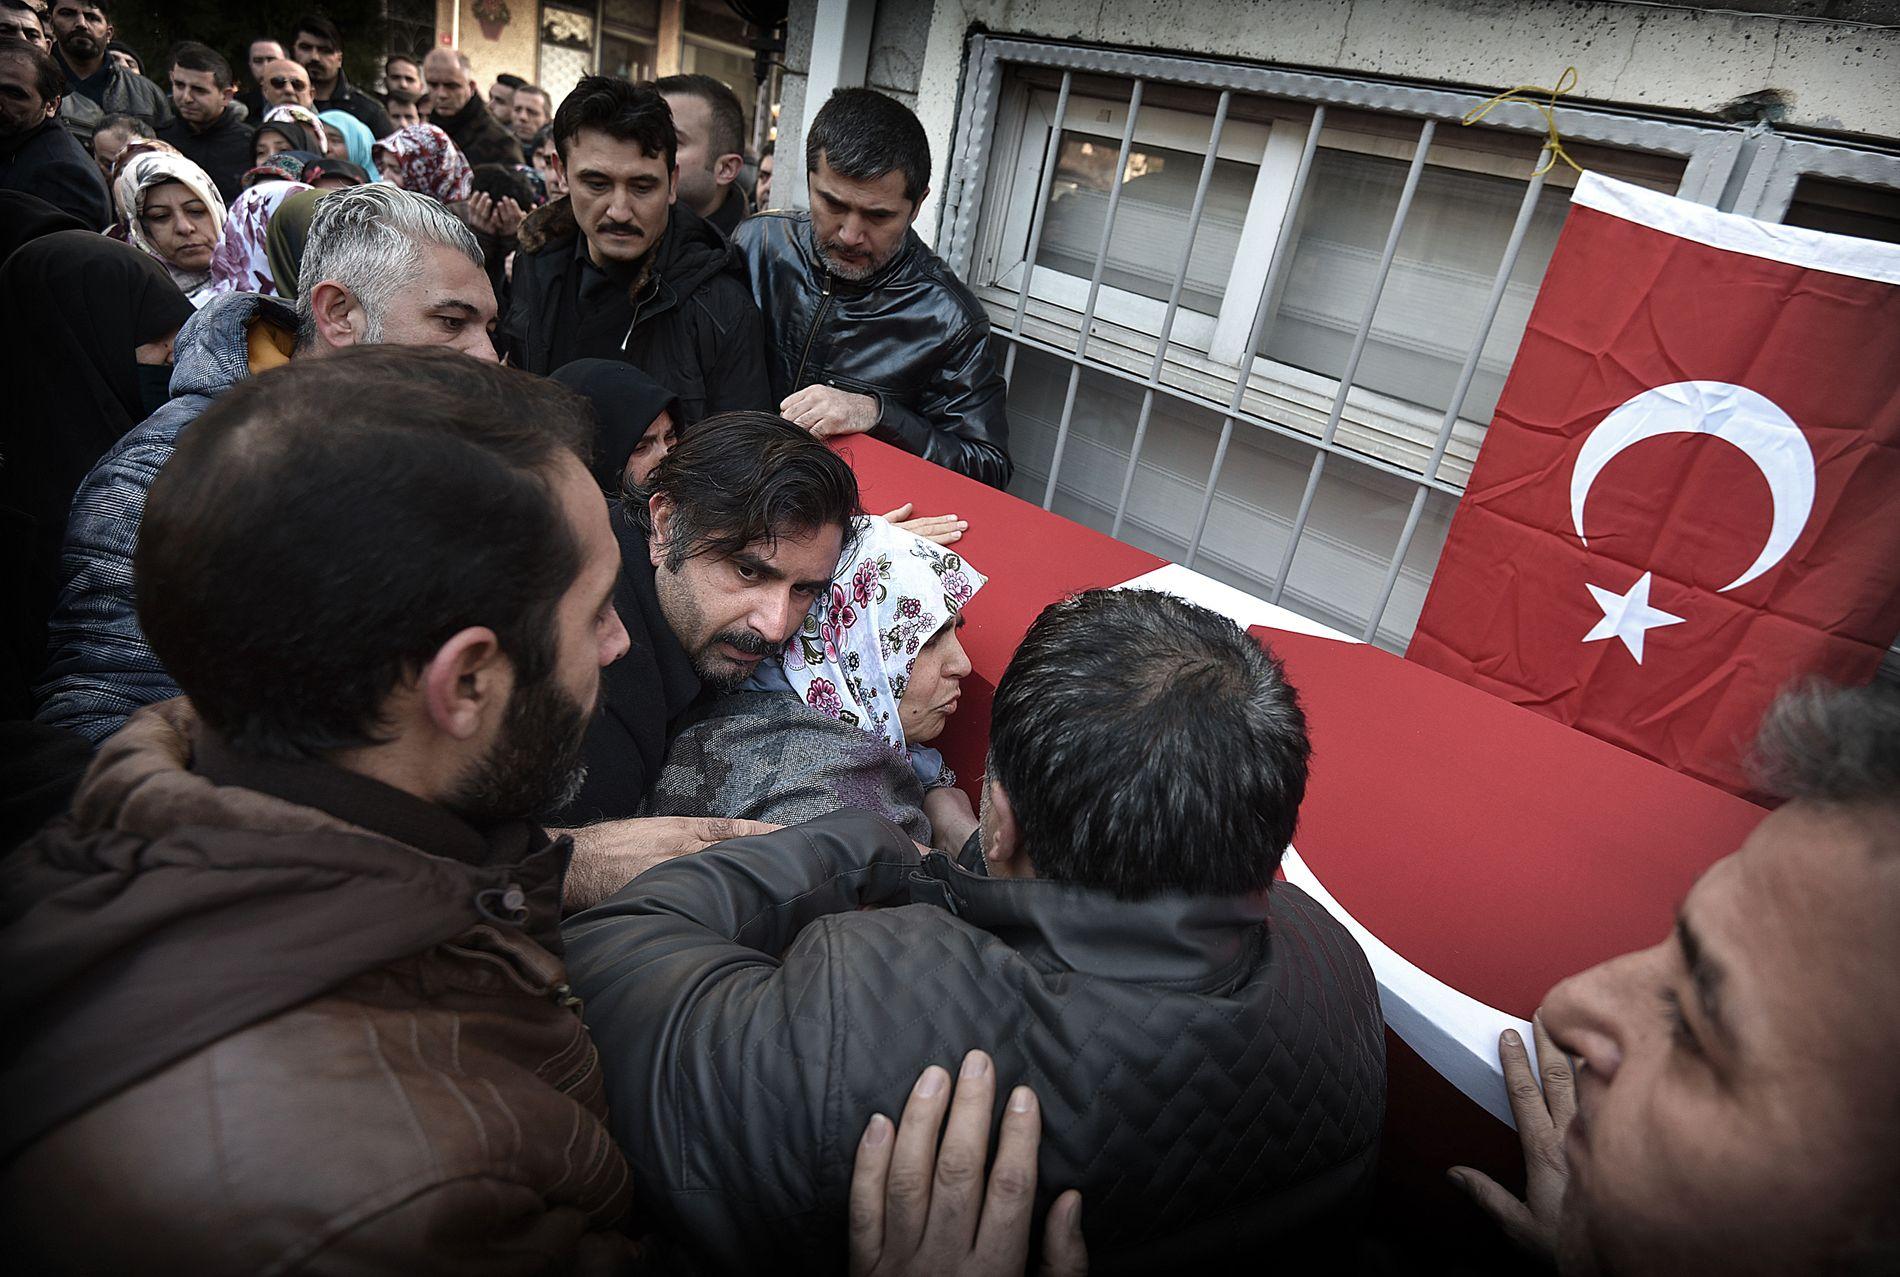 KYSSER KISTEN: Sikkerhetsvakten Fatih Cakmak ble skutt og drept under angrepet mot nattklubben Reina. Moren Ayten og broren Mehmet sørger ved kisten.